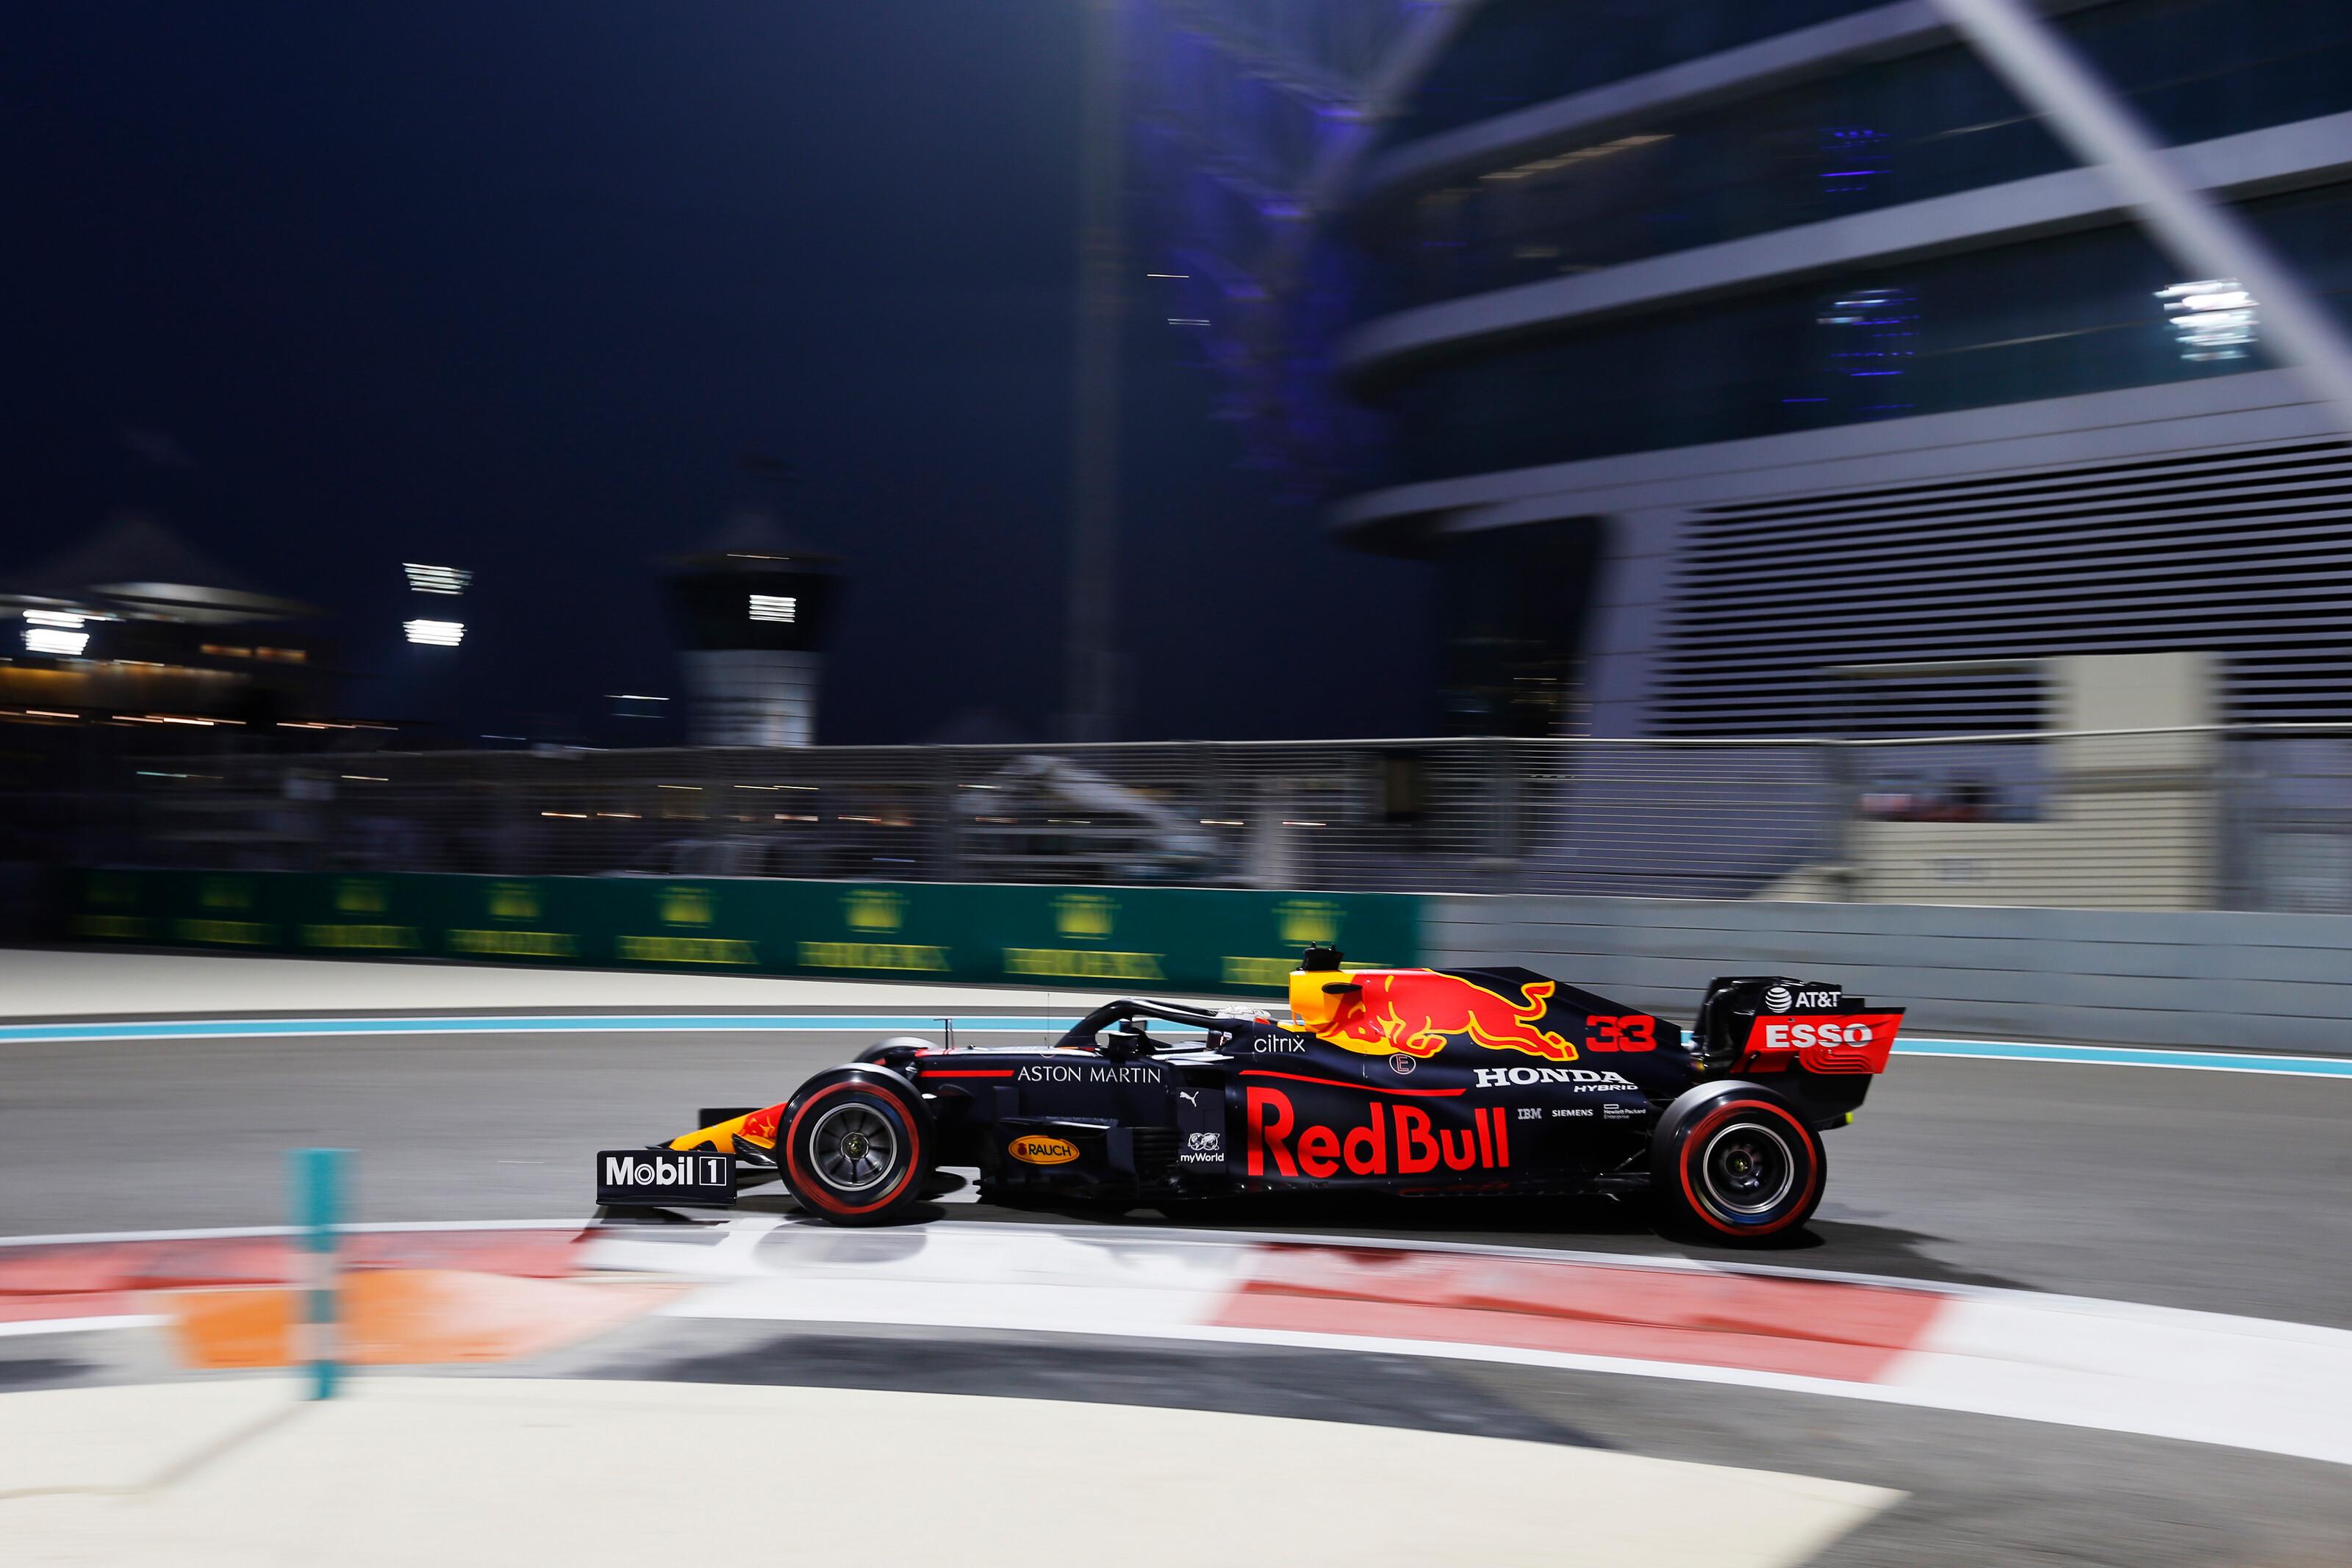 Így fest a Formula–1-es Abu-dzabi Nagydíj rajtrácsa!